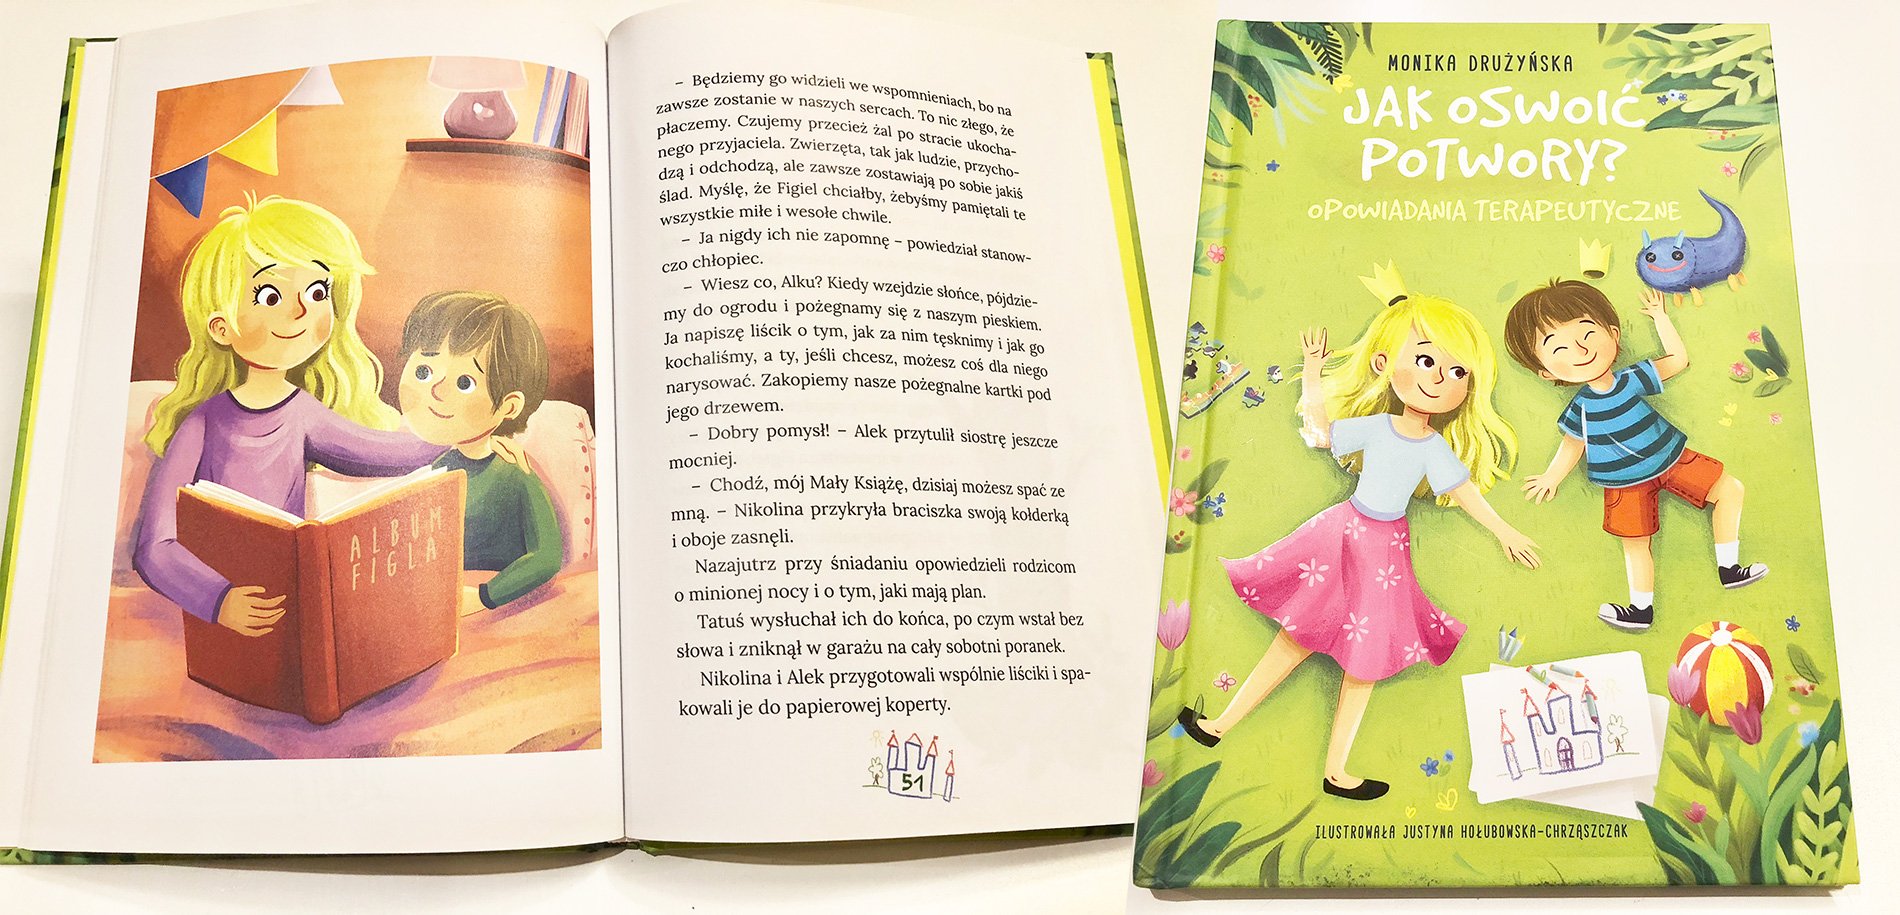 Jak oswoić potwory? - wydawnictwo Skrzat - cena 14,99 PLN